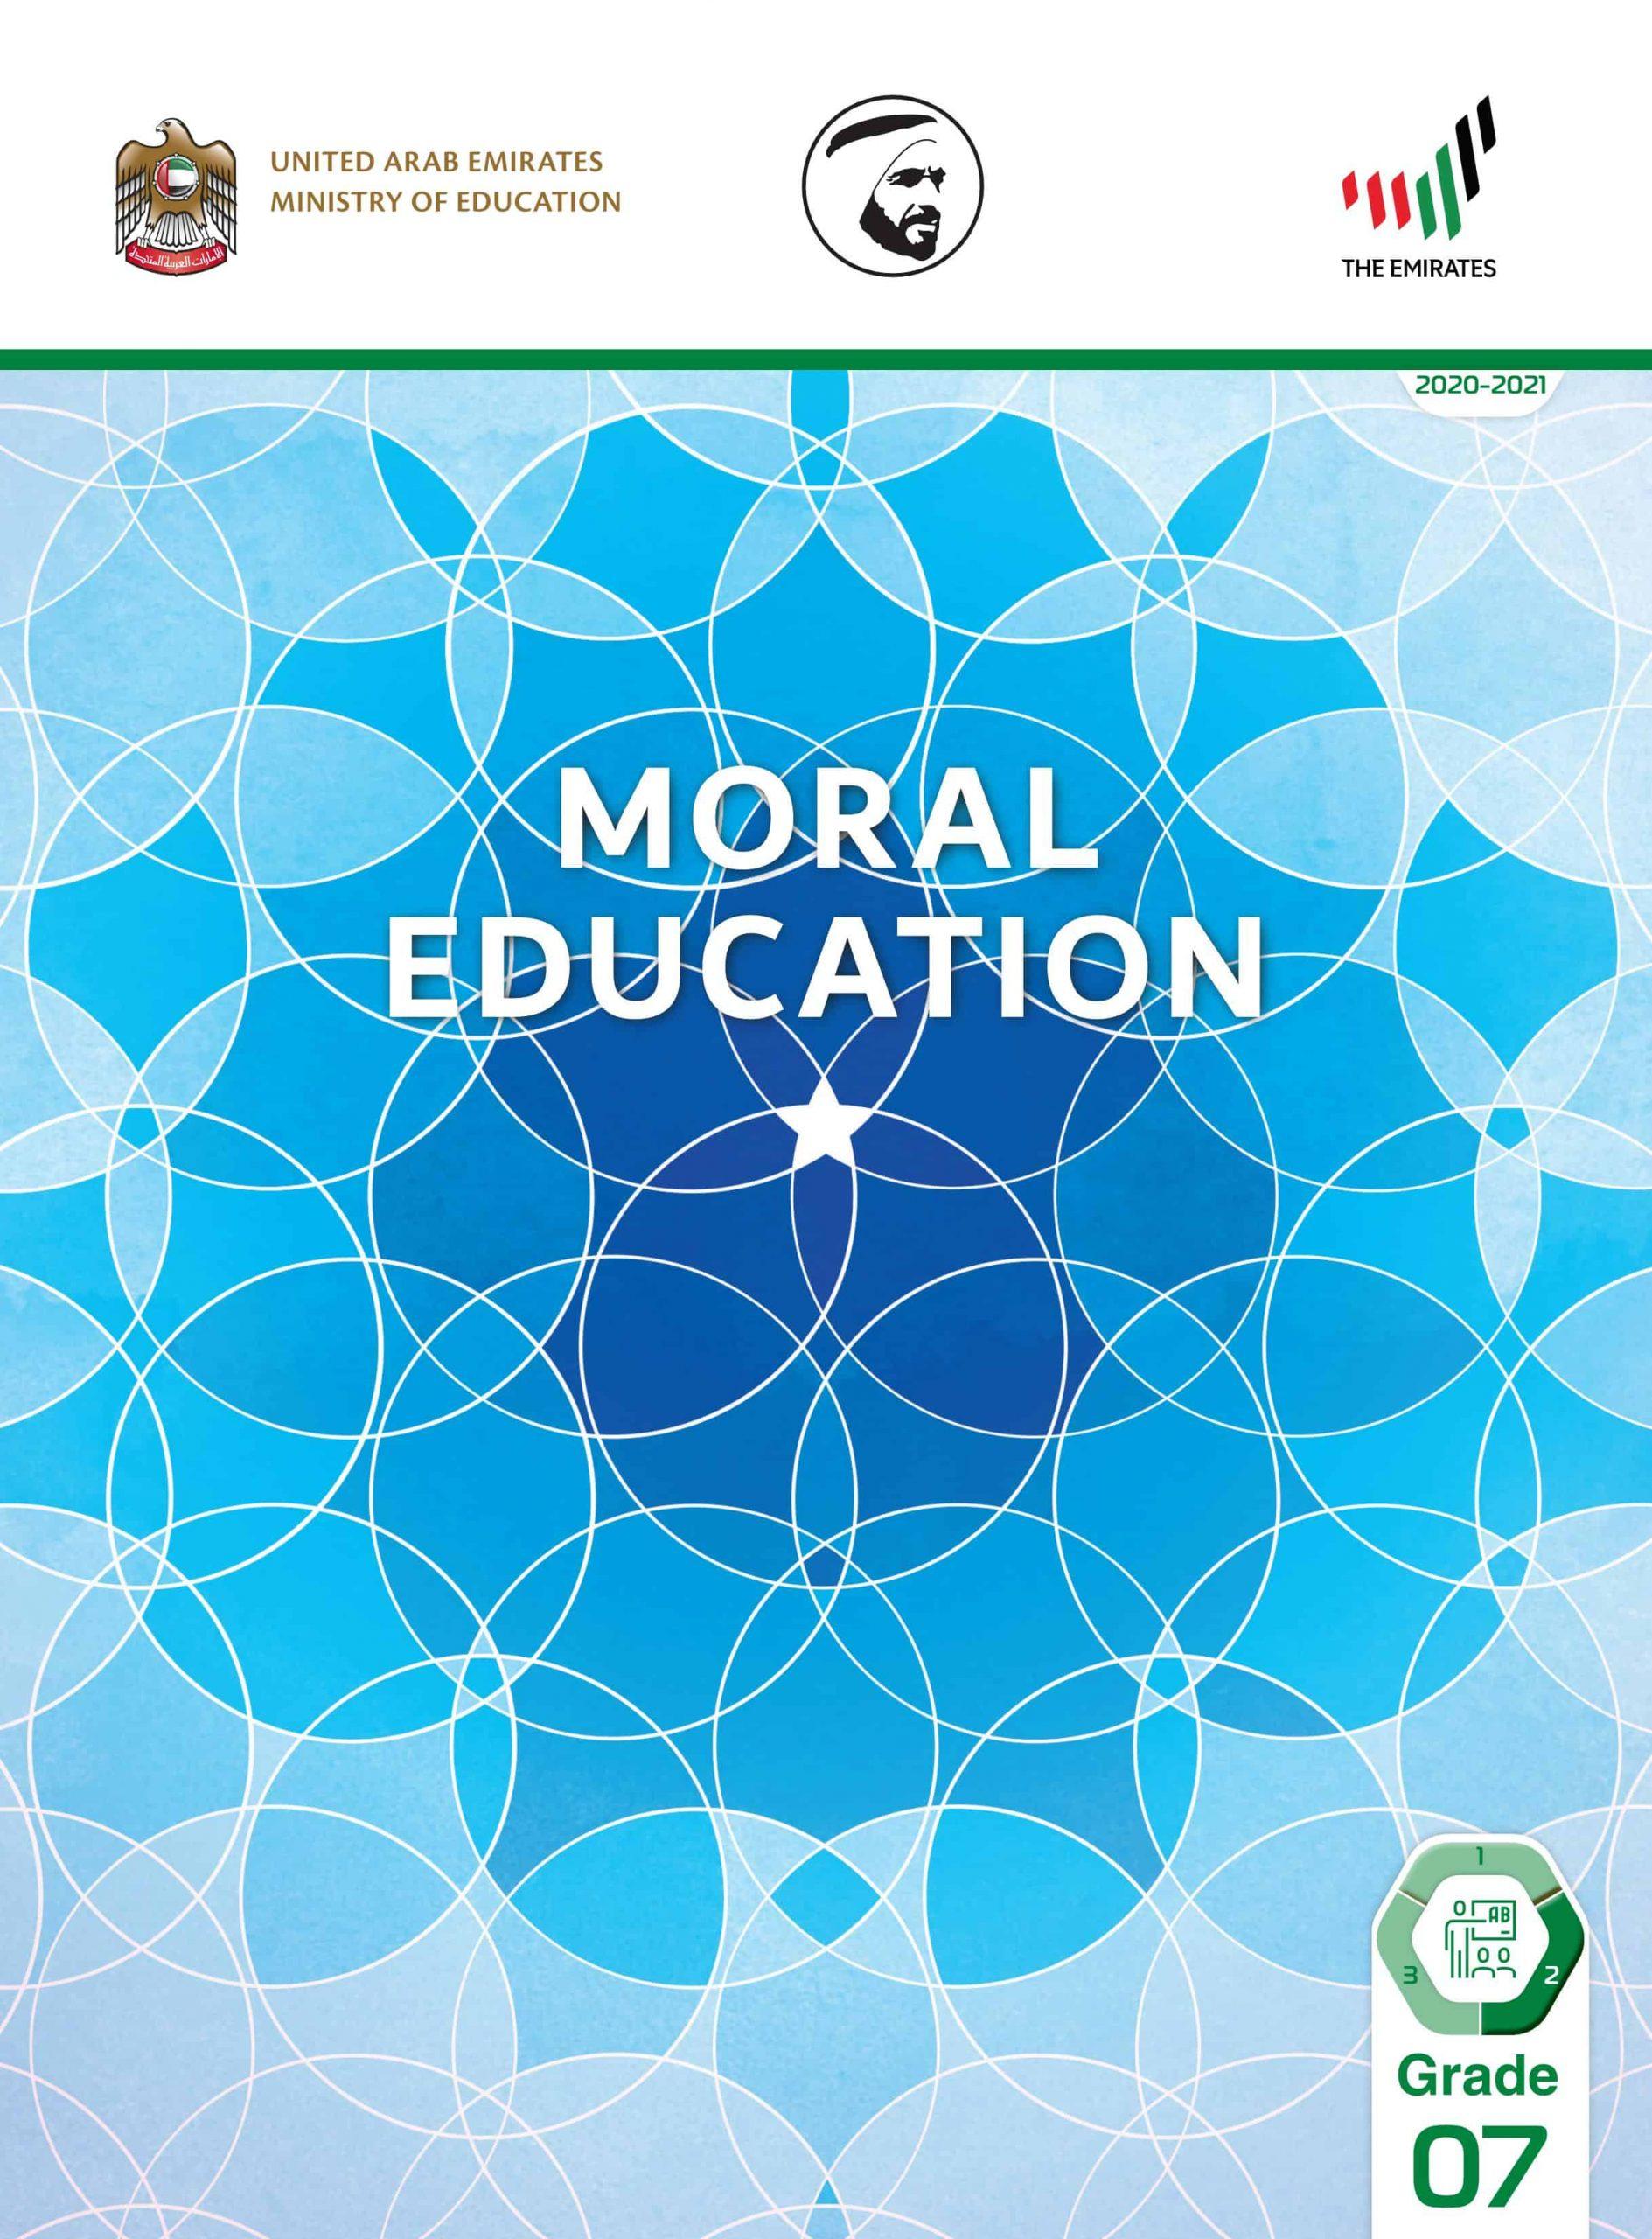 دليل المعلم بالانجليزي الفصل الدراسي الثاني 2020-2021 الصف السابع مادة التربية الاخلاقية